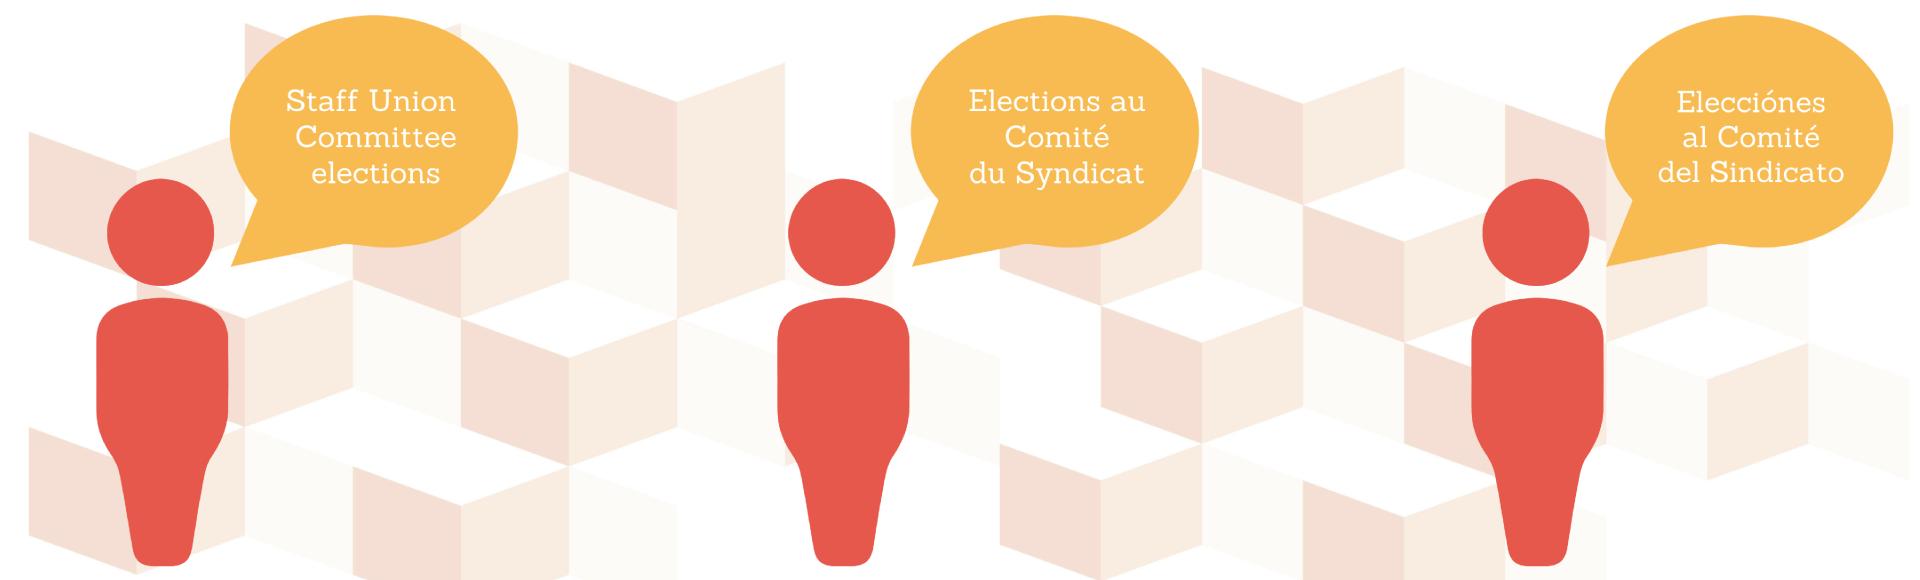 Elecciónes al Comité del Sindicato